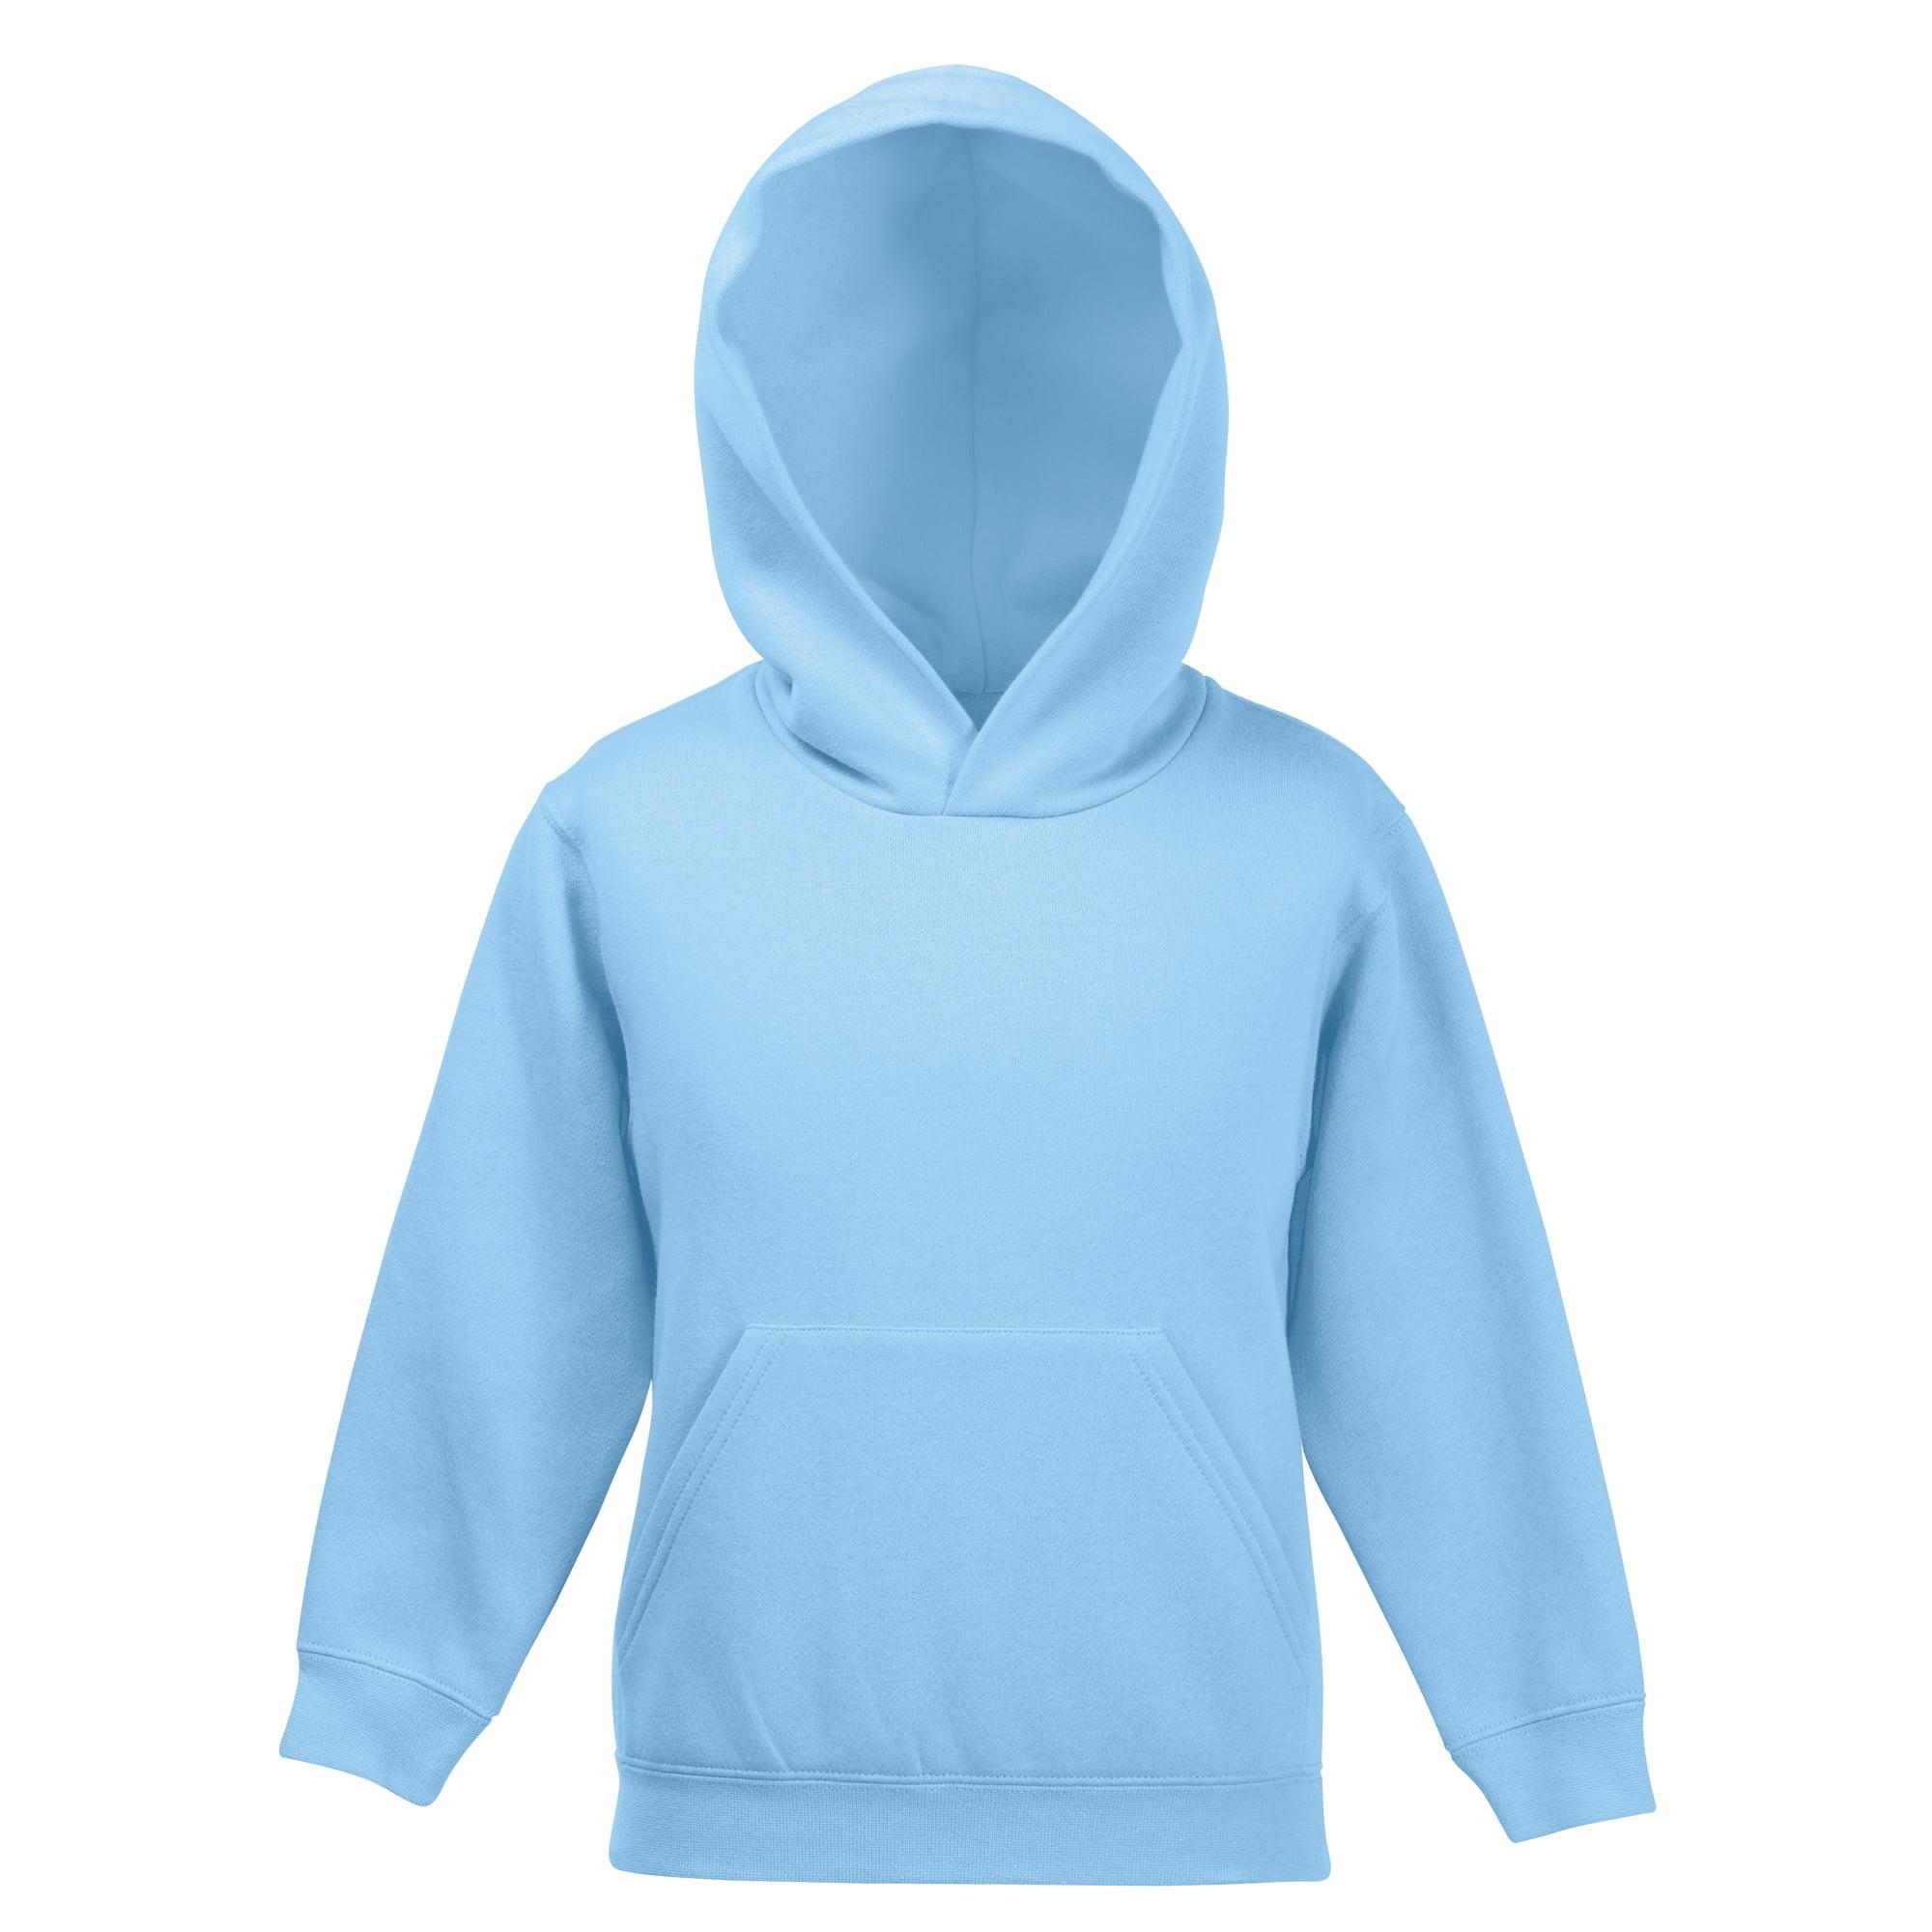 Fruit of the Loom Kids Unisex Premium 70//30 Hooded Sweatshirt//Hoodie